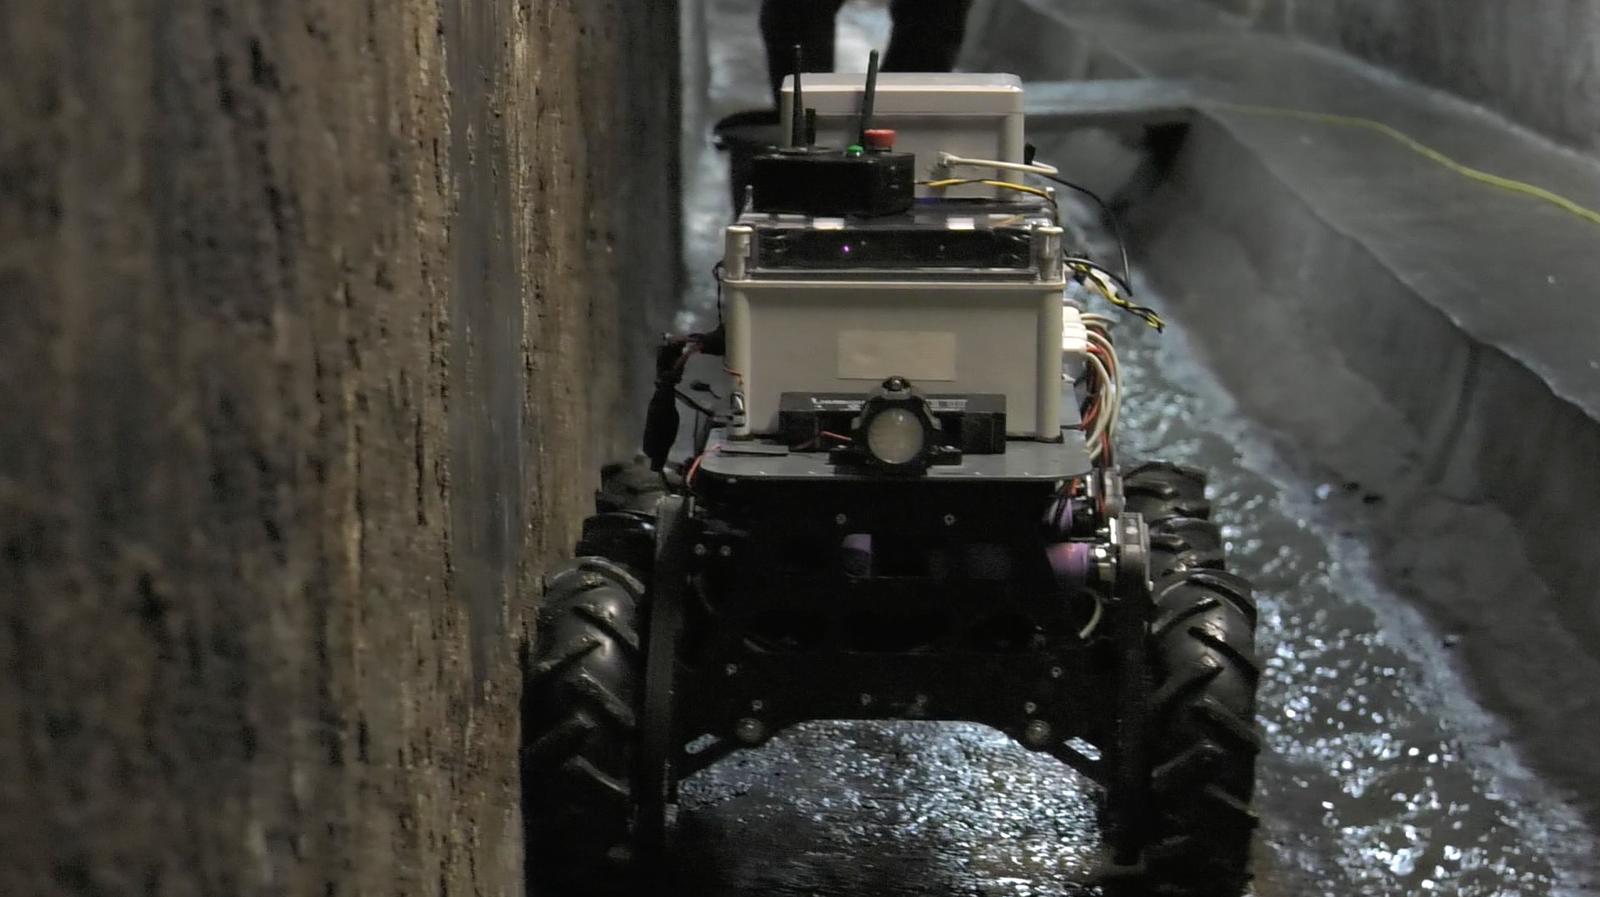 SIAR - Sewer Inspection Autonomous Robot - The European